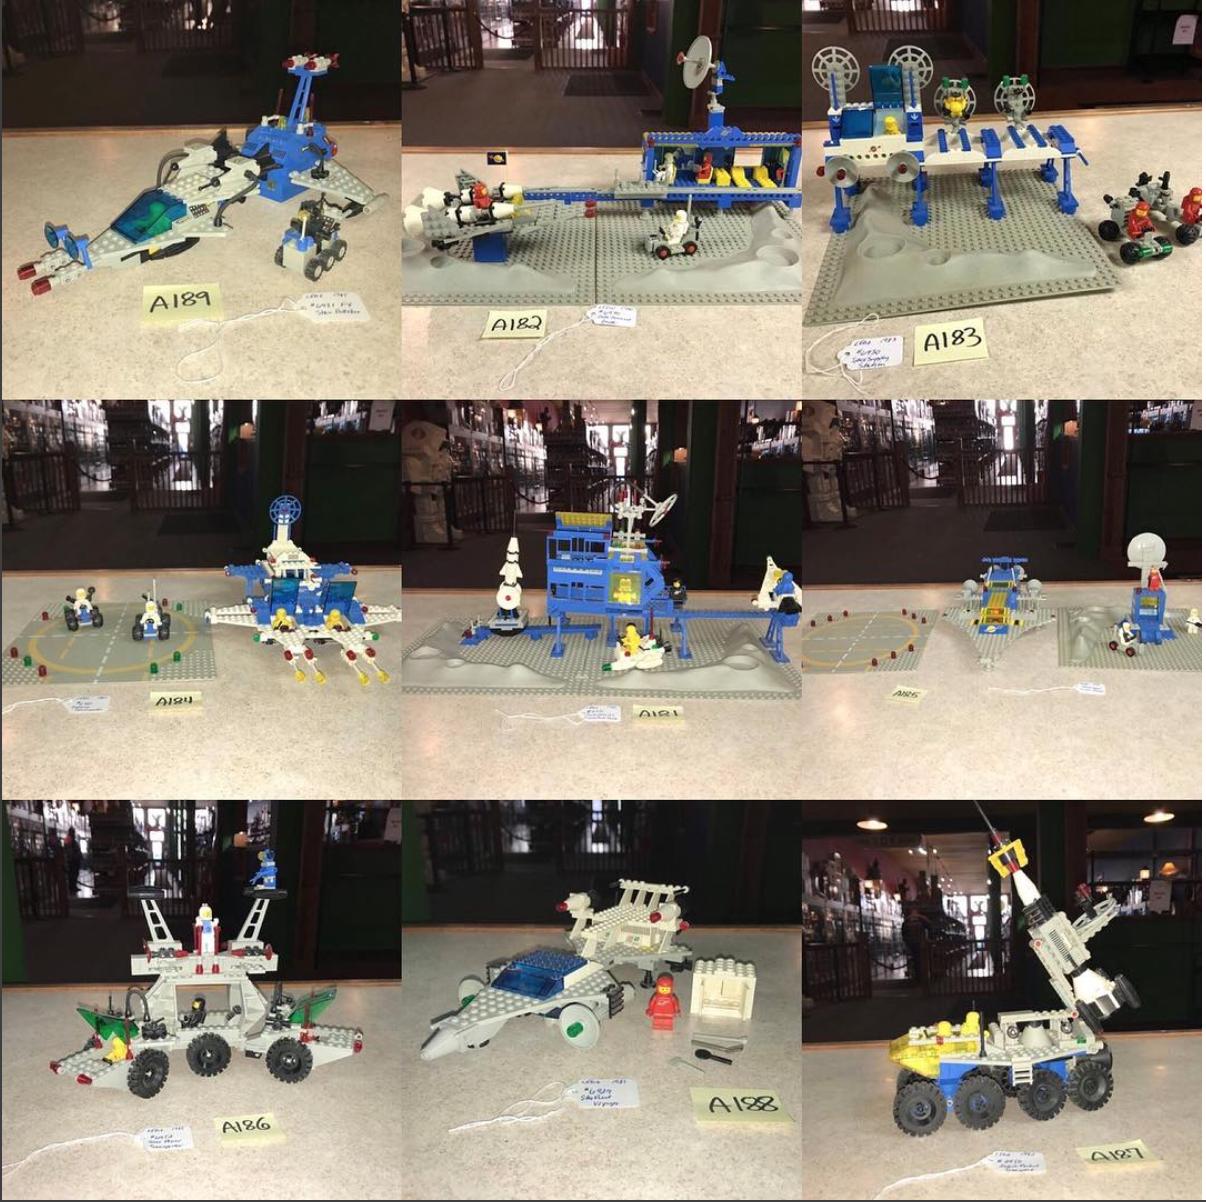 Kokomo Toys eBay Store – Vintage Late 70's & 80's LEGO Space Sets